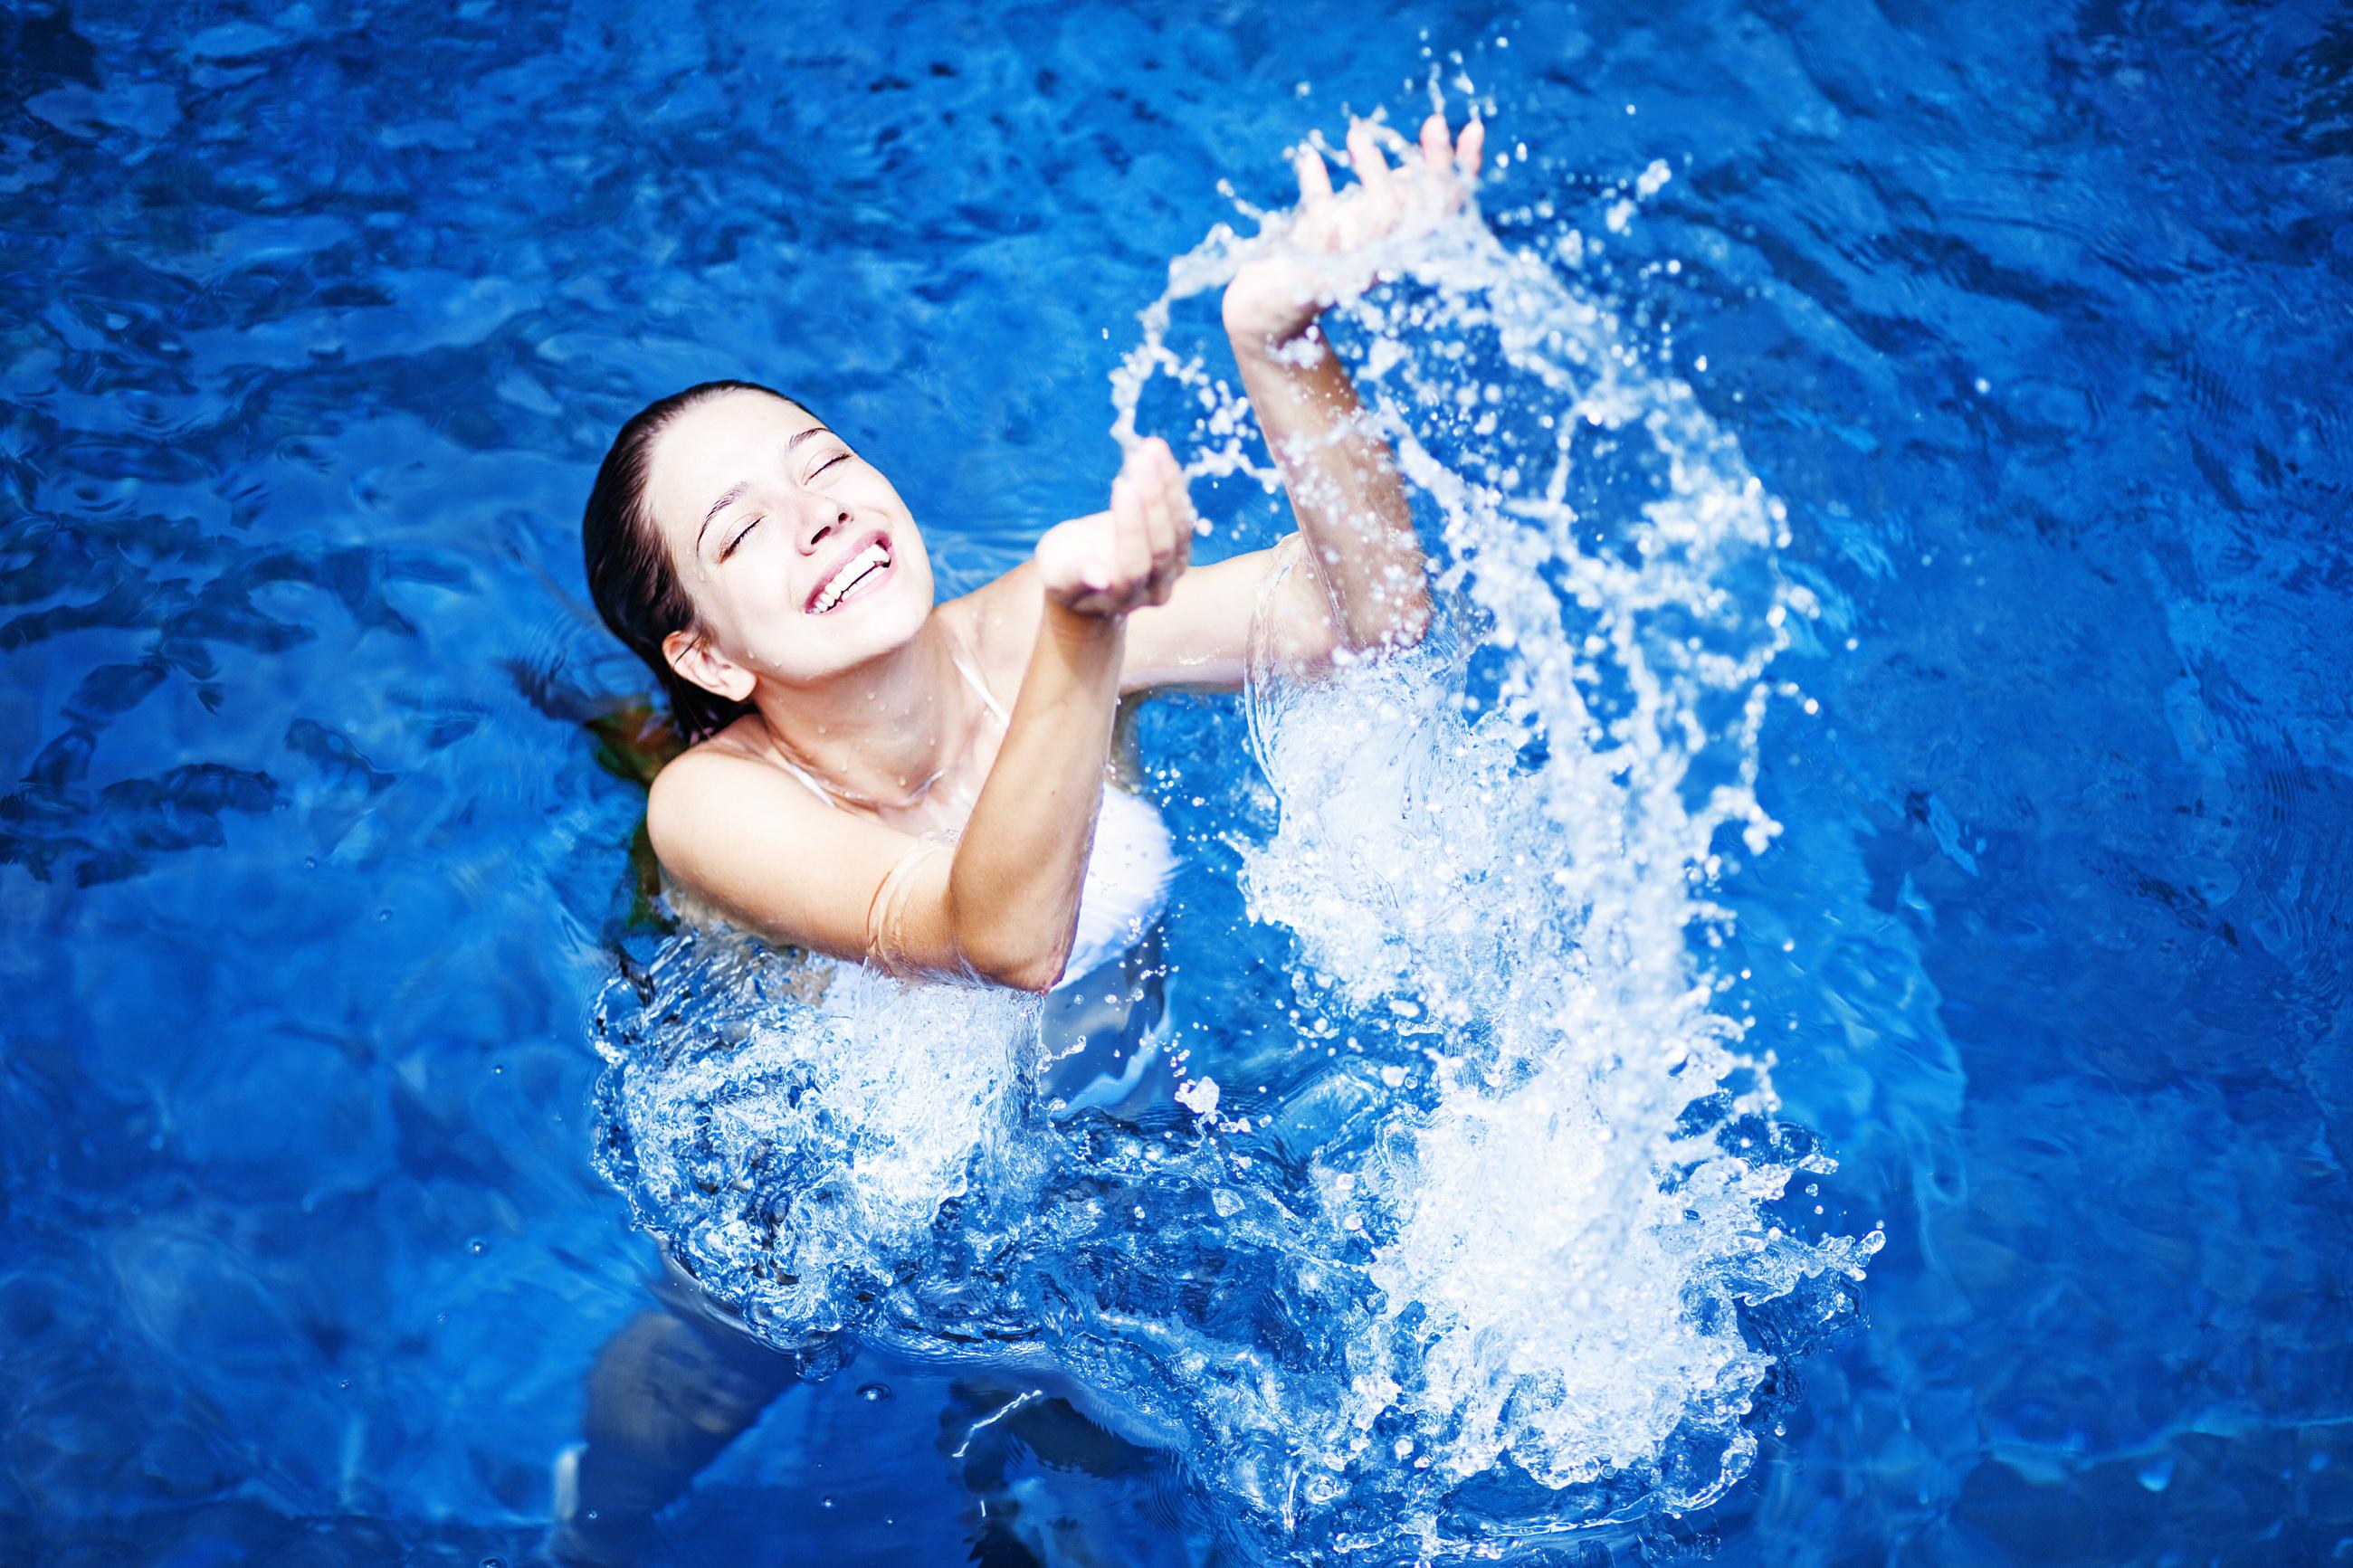 Woman splashing in pool